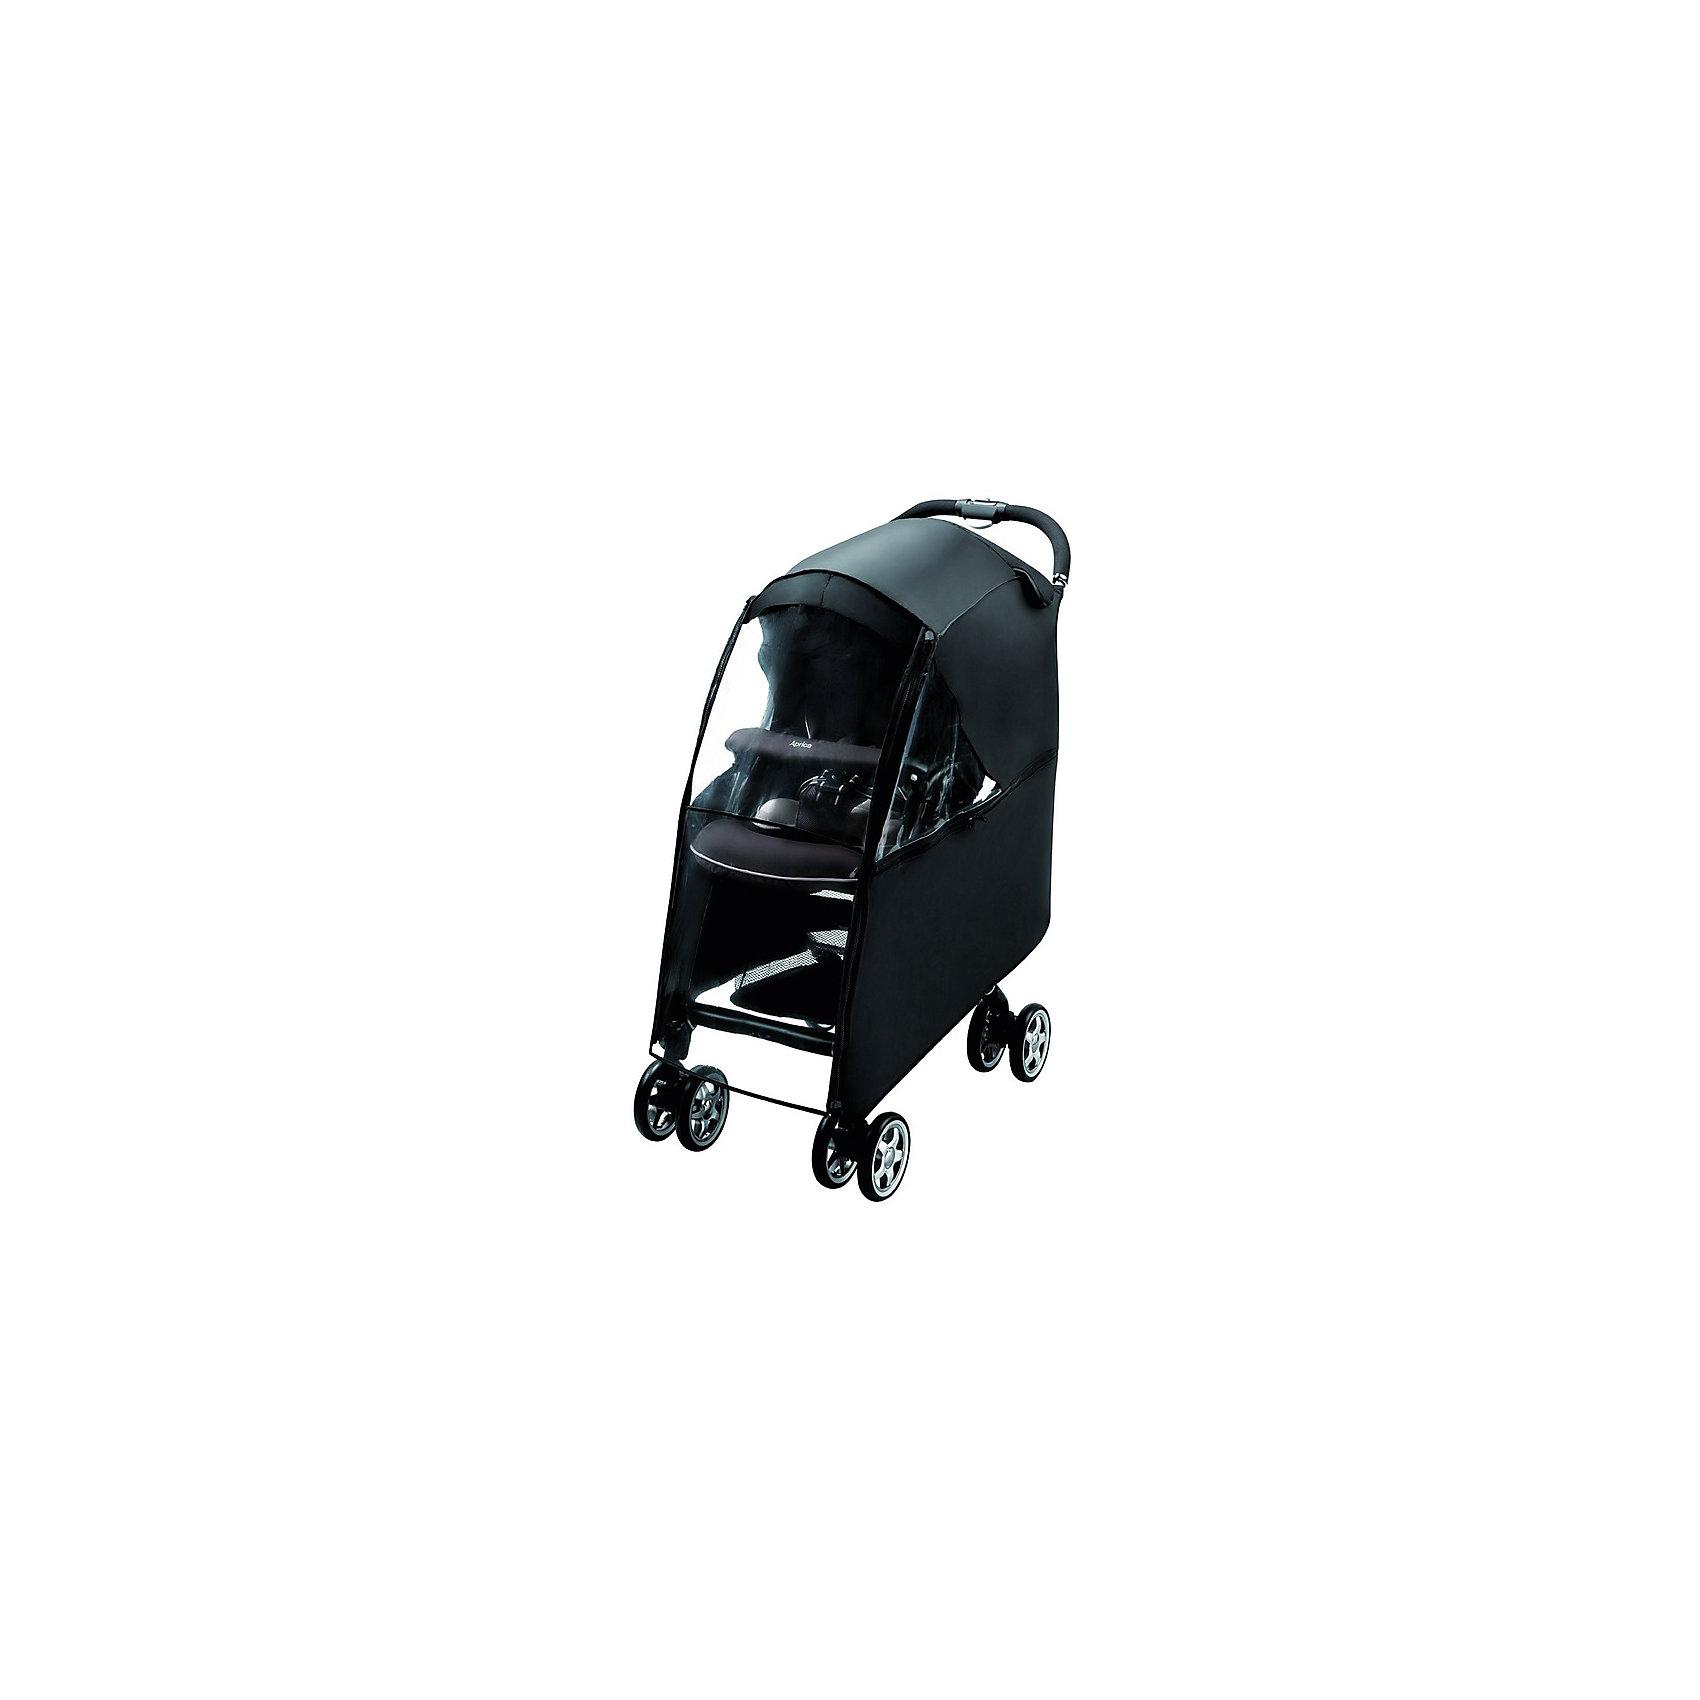 Дождевик Air Ria (BK), ApricaАксессуары для колясок<br>Дождевик для прогулочной коляски Air Ria (BK) – надежный аксессуар из плотного материала, который предназначен защищает ребенка от дождя. Дождевик полностью закрывает прогулочный блок коляски, легко надевается, застегивается на молнию. Материал: полиэтилен и полиэстер. <br><br>Дождевик для коляски Air Ria (BK), Aprica можно купить в нашем интернет-магазине.<br><br>Ширина мм: 350<br>Глубина мм: 290<br>Высота мм: 40<br>Вес г: 400<br>Возраст от месяцев: 0<br>Возраст до месяцев: 48<br>Пол: Унисекс<br>Возраст: Детский<br>SKU: 5451722